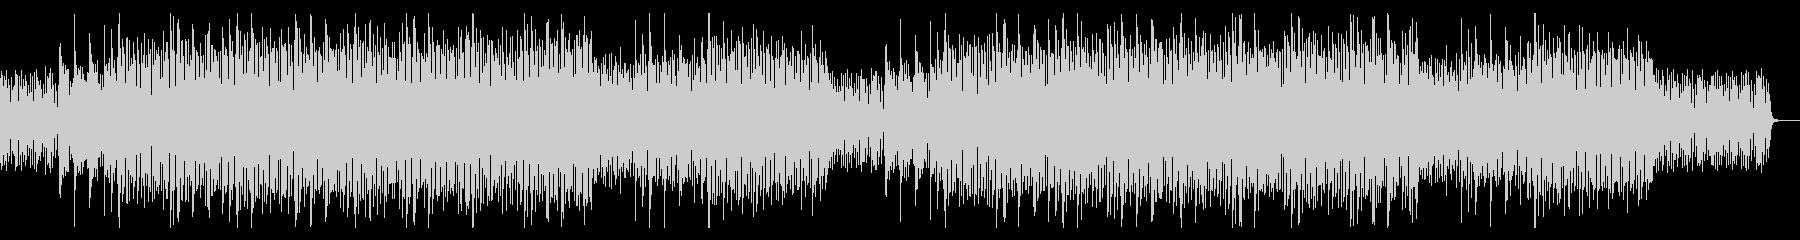 独特なリズムの、透明感があるEDMの未再生の波形